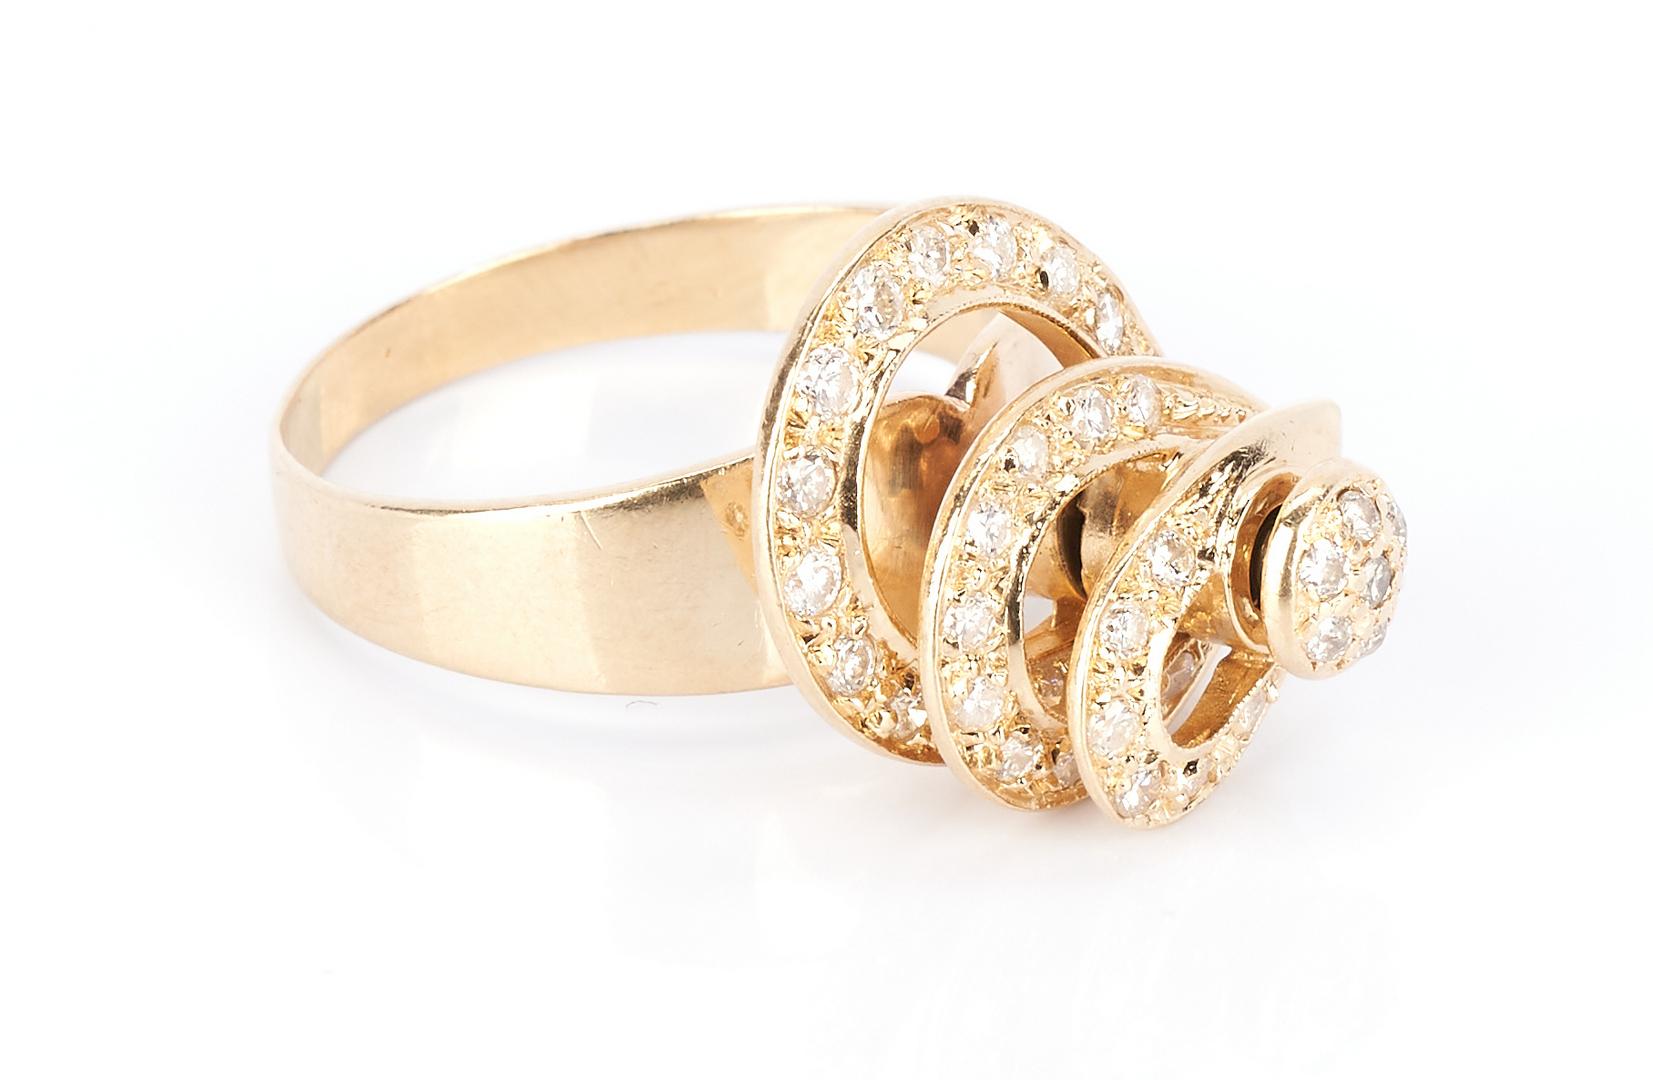 Lot 1034: Ladies 14K Spinning Top Diamond Ring